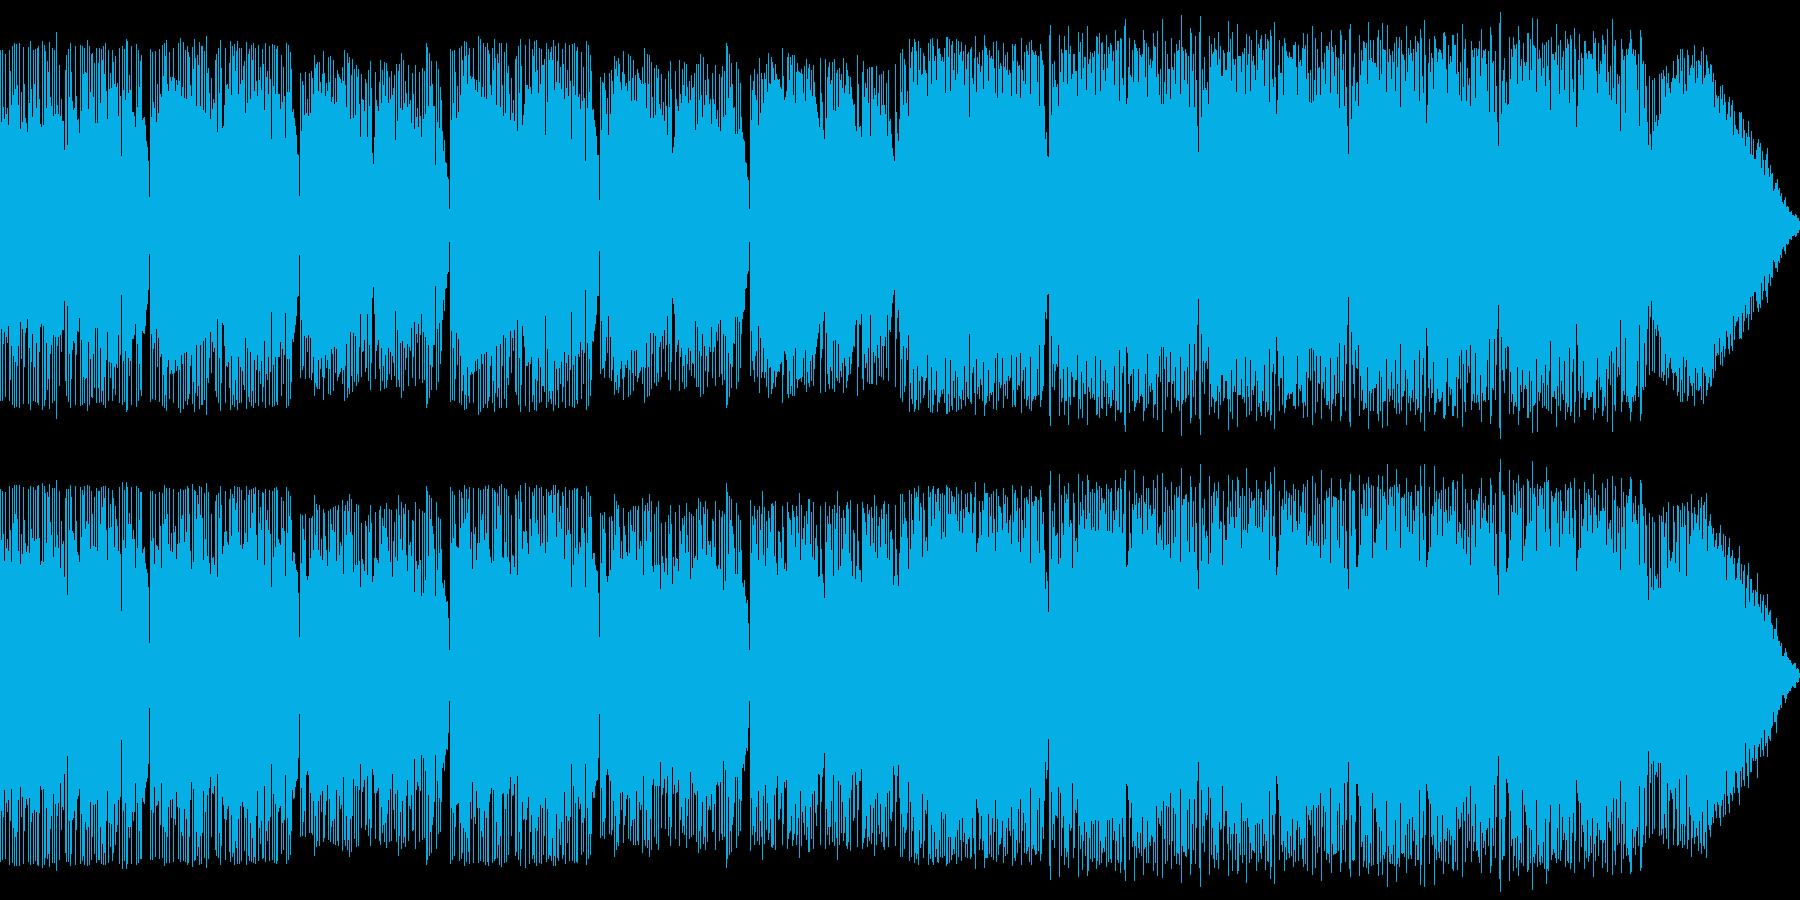 ギターとピアノの綺麗なBGMですの再生済みの波形